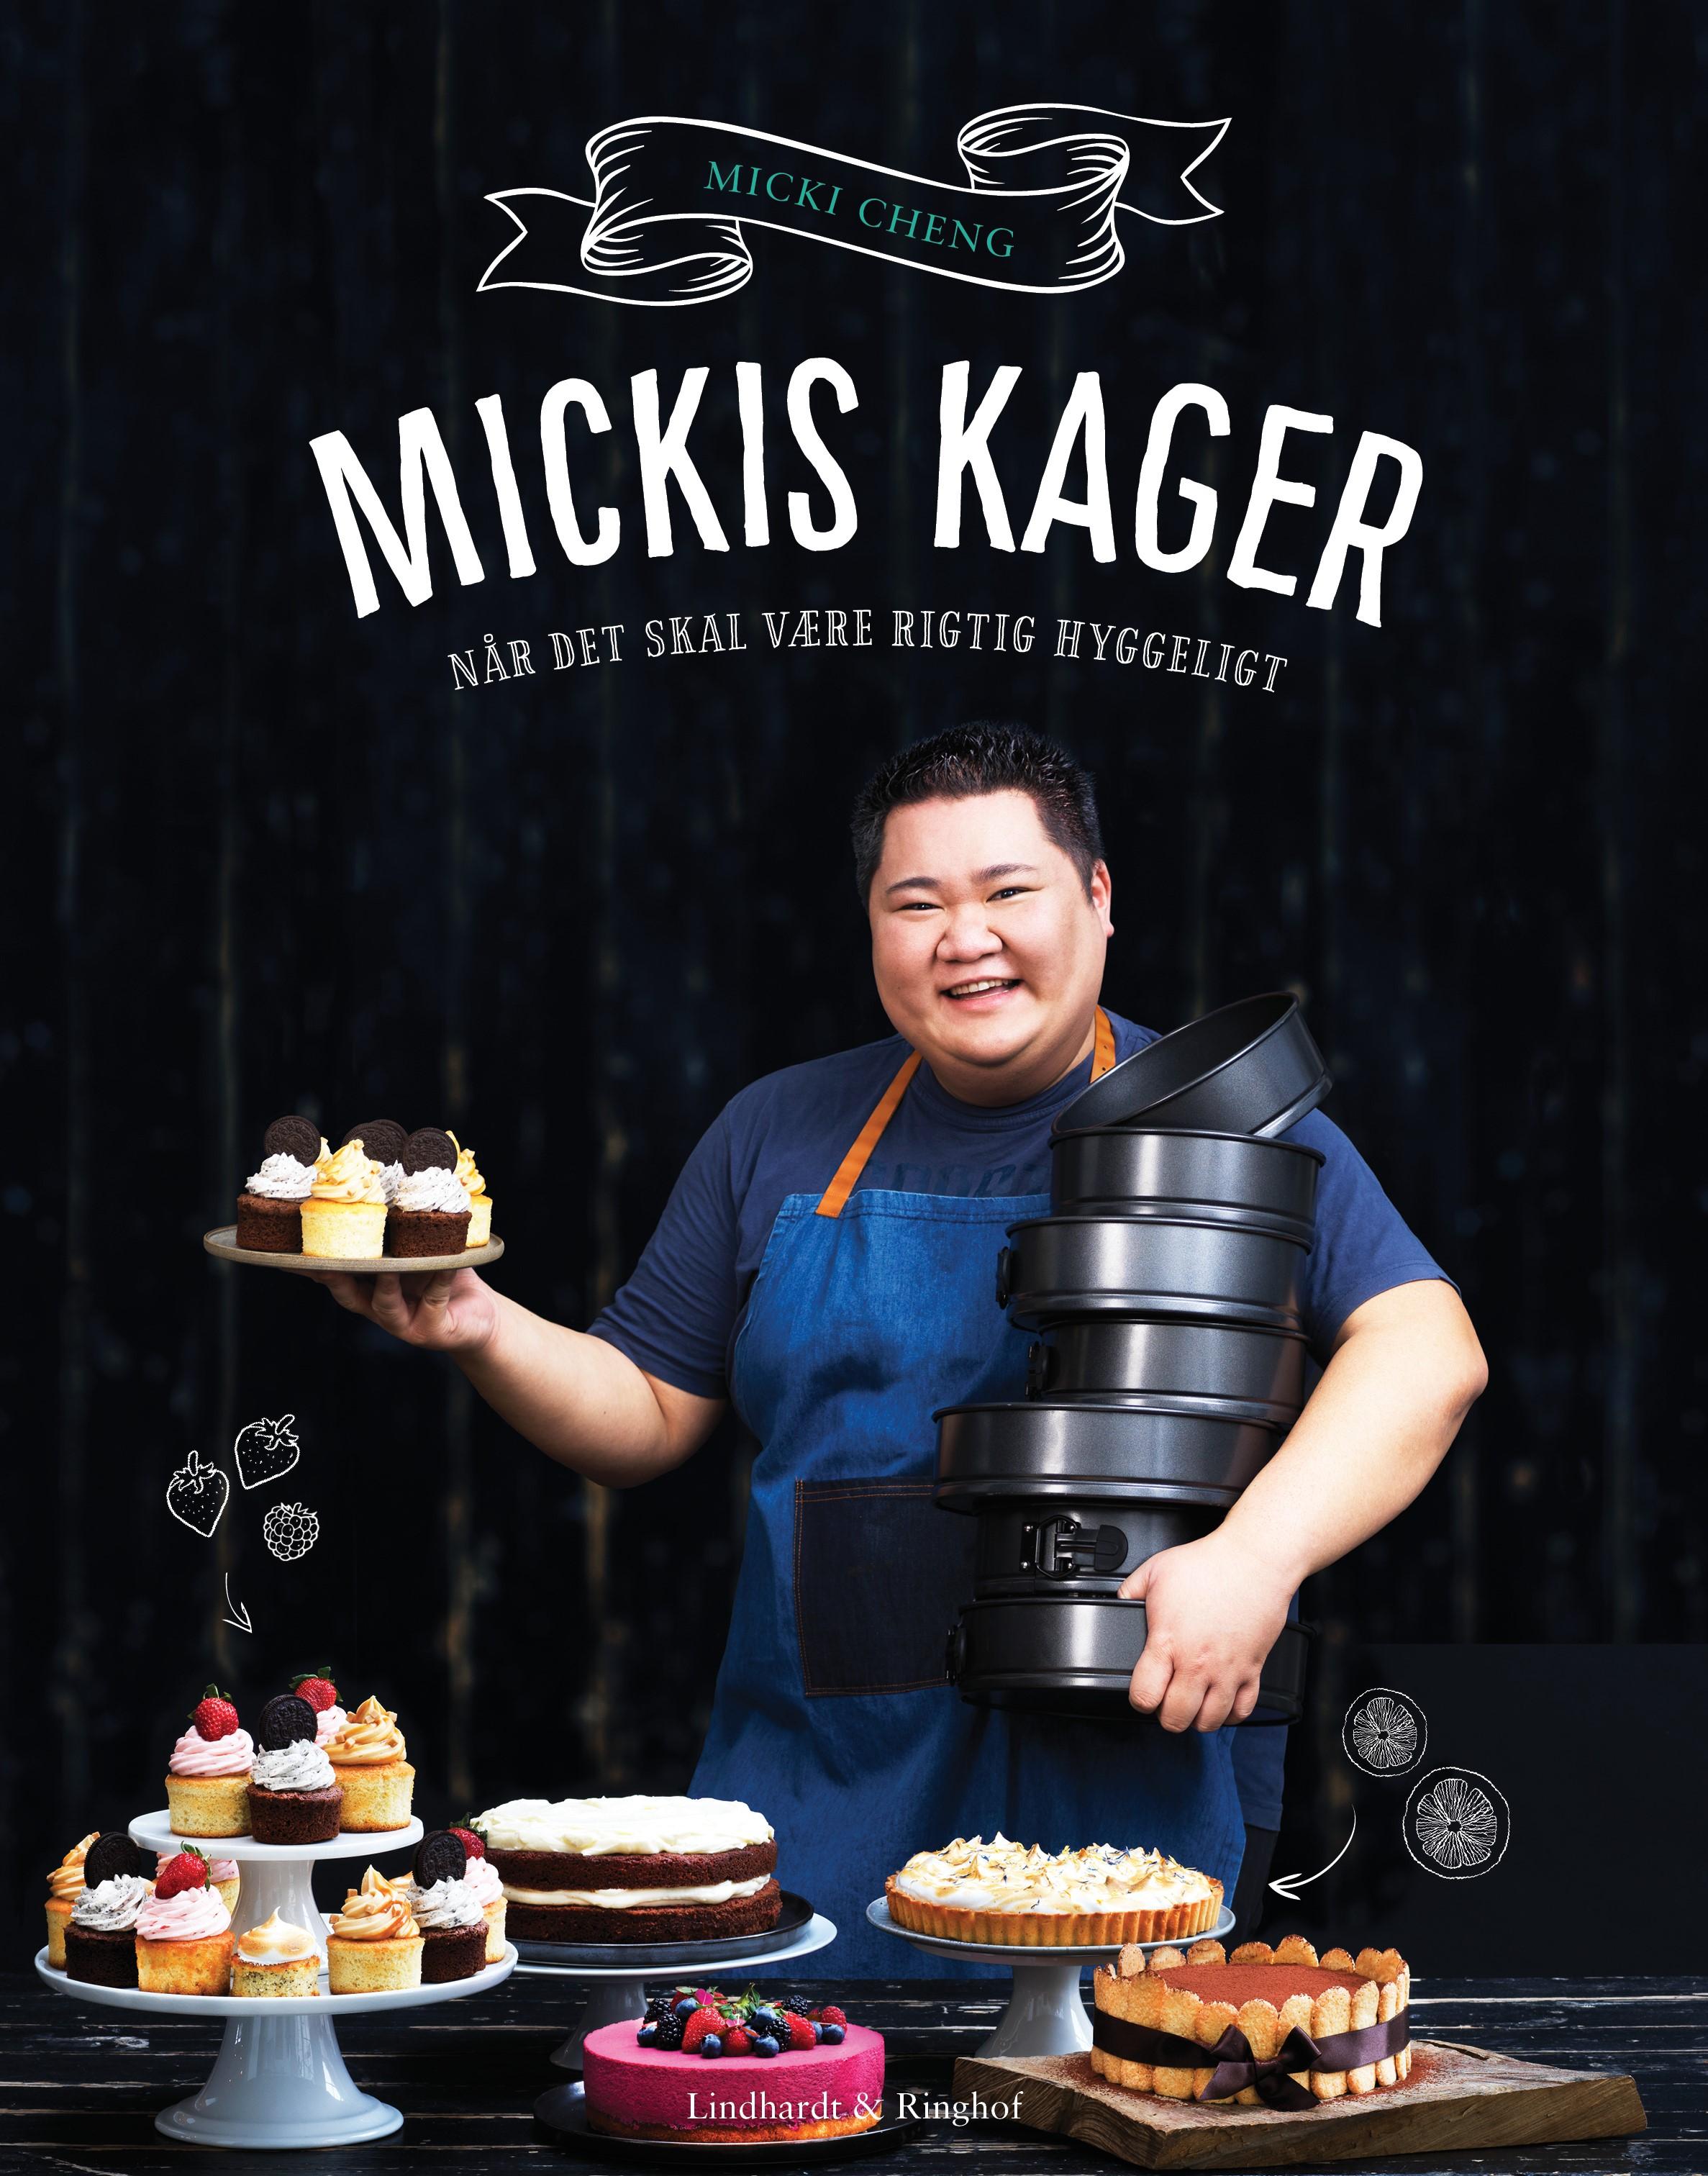 Micki cheng, mickis kager, den store bagedyst, når det skal være rigtig hyggeligt, kage, dessert, interview, hård barndom, hård opvækst, mobning, ultras sorte kageshow